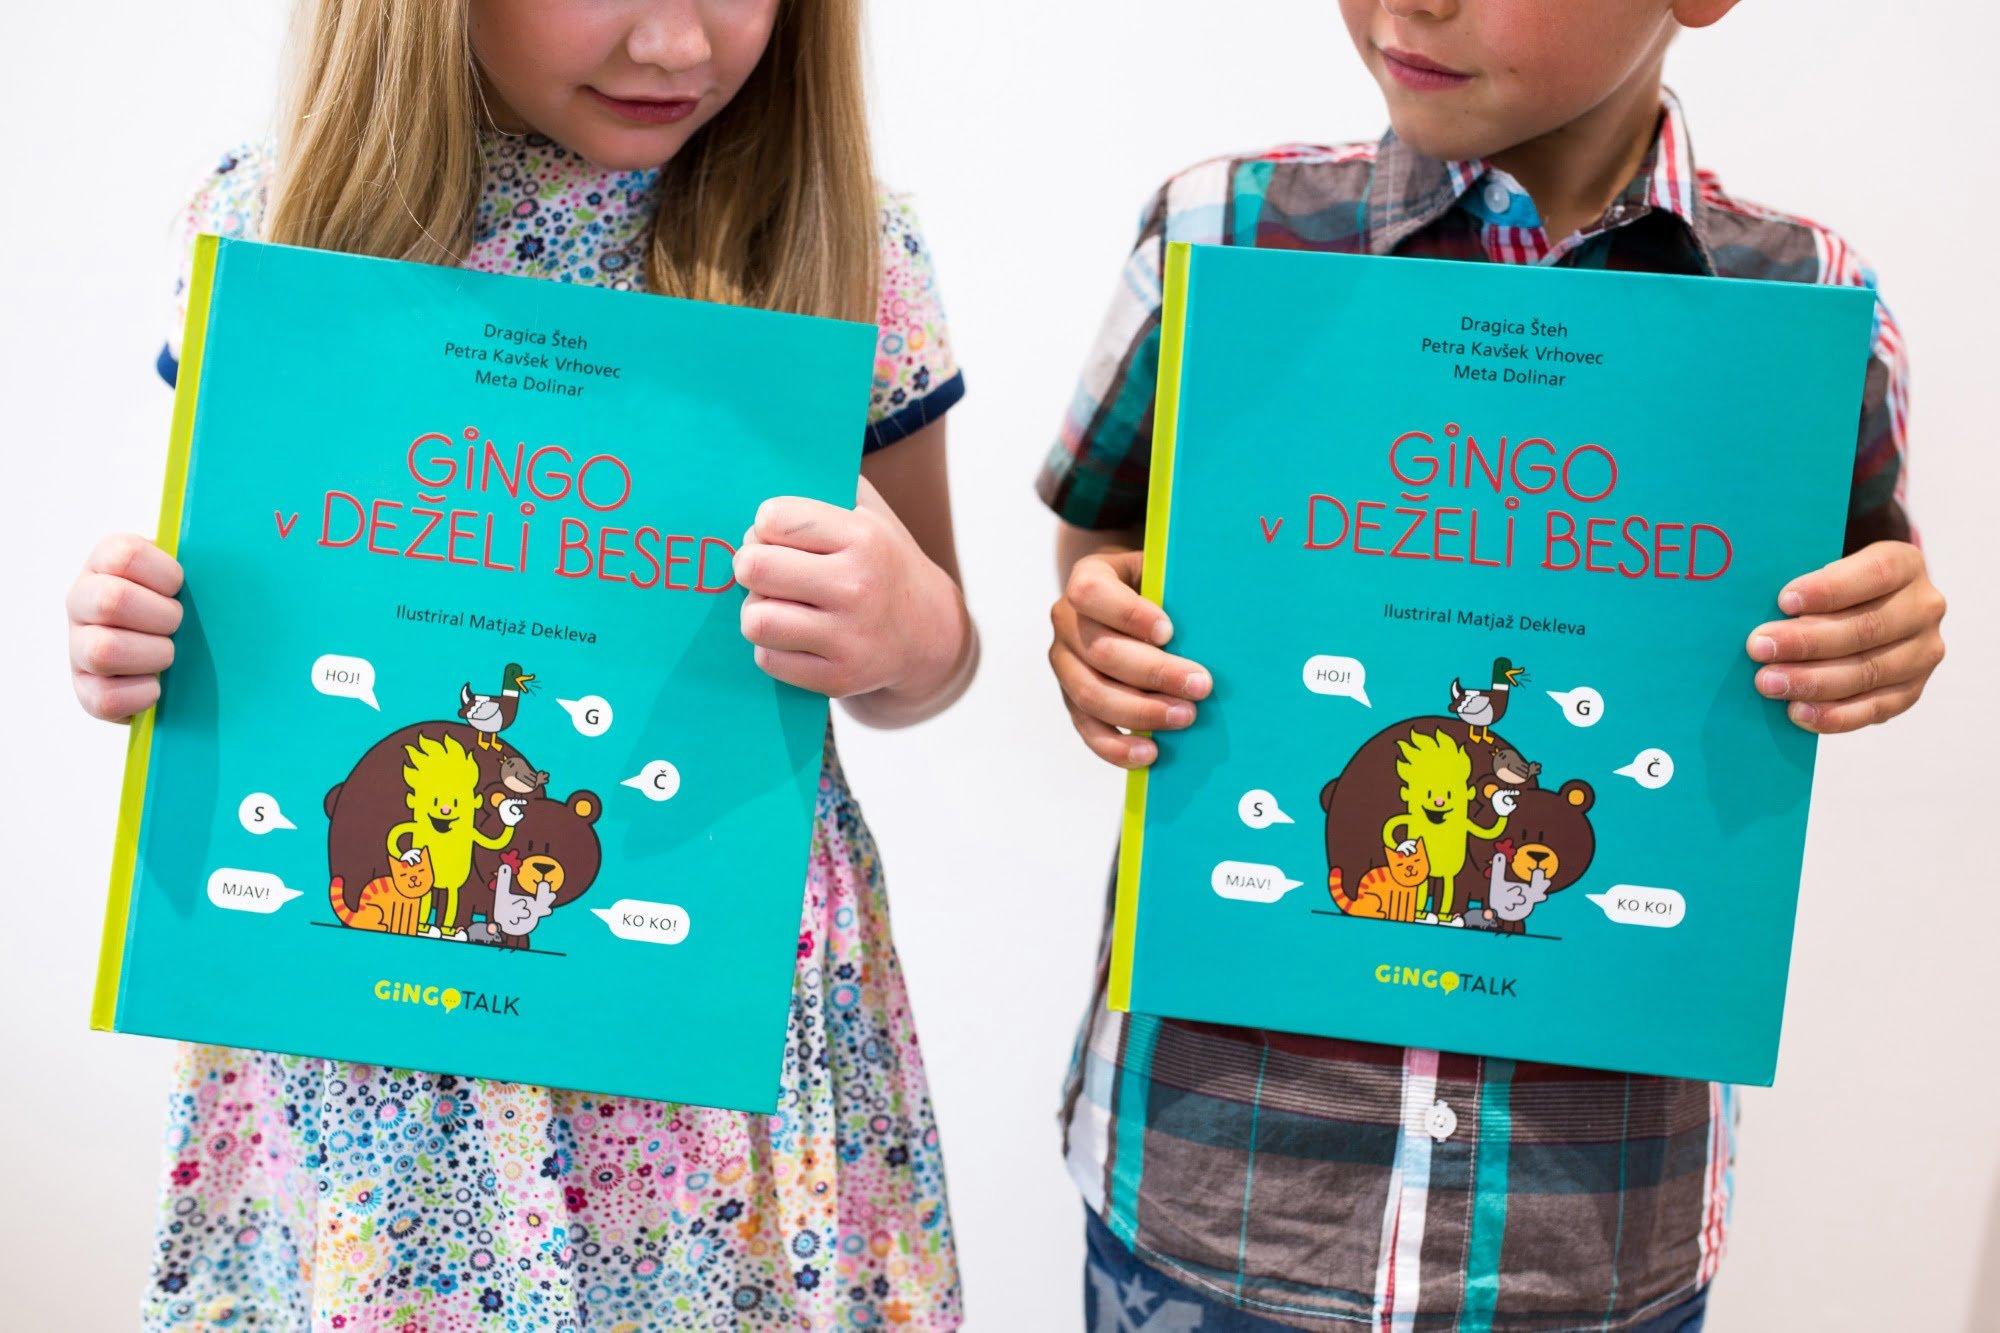 Knjiga Gingo v deželi besed za spodbujanje govora in jezika.